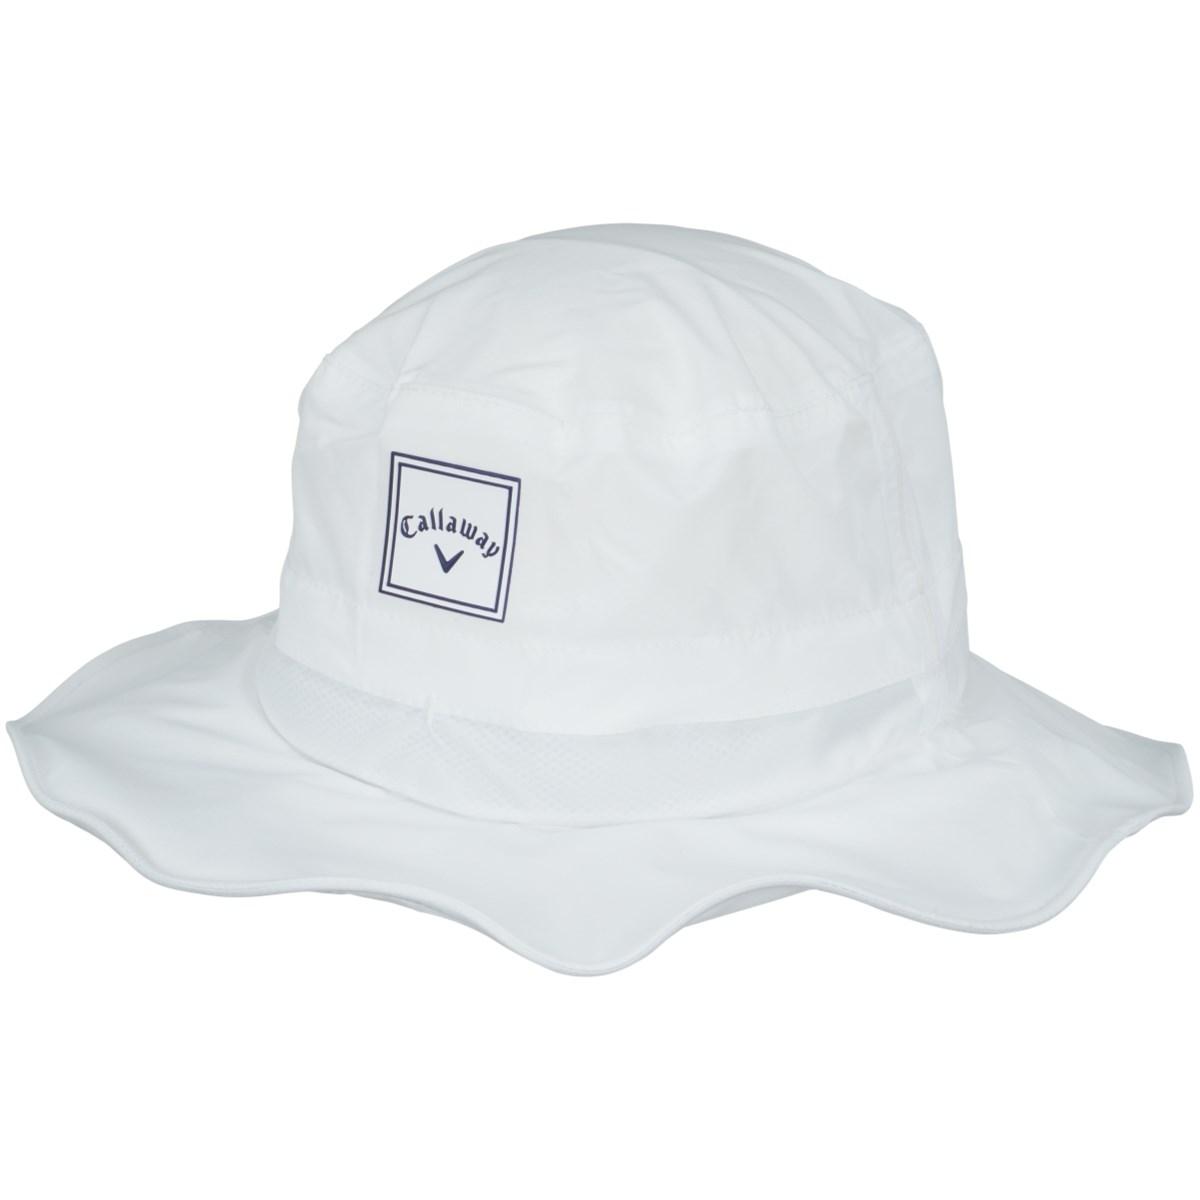 キャロウェイゴルフ Callaway Golf レインハット フリー ホワイト 030